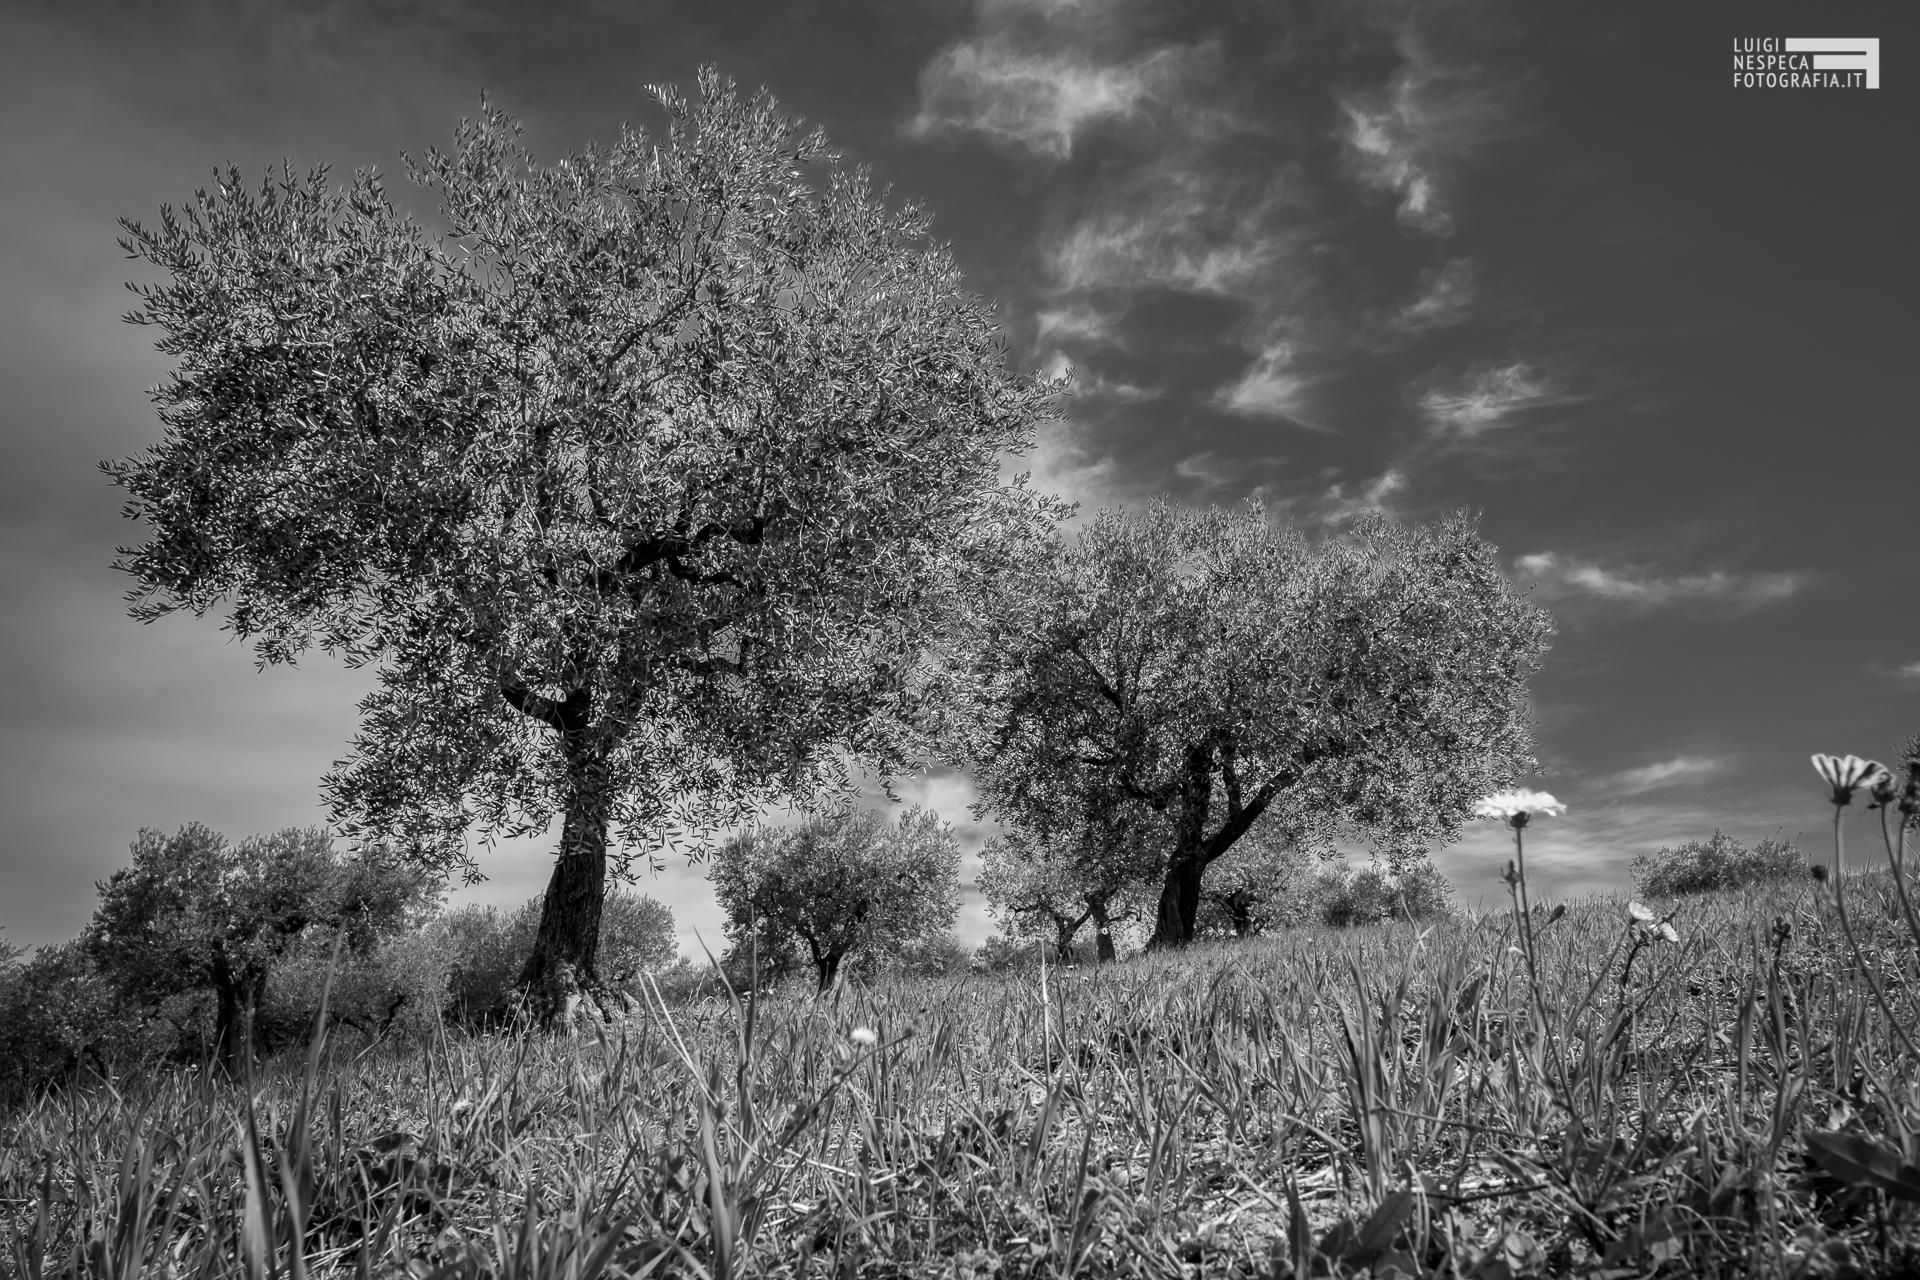 La campagna di Francavilla al Mare: gli Ulivi